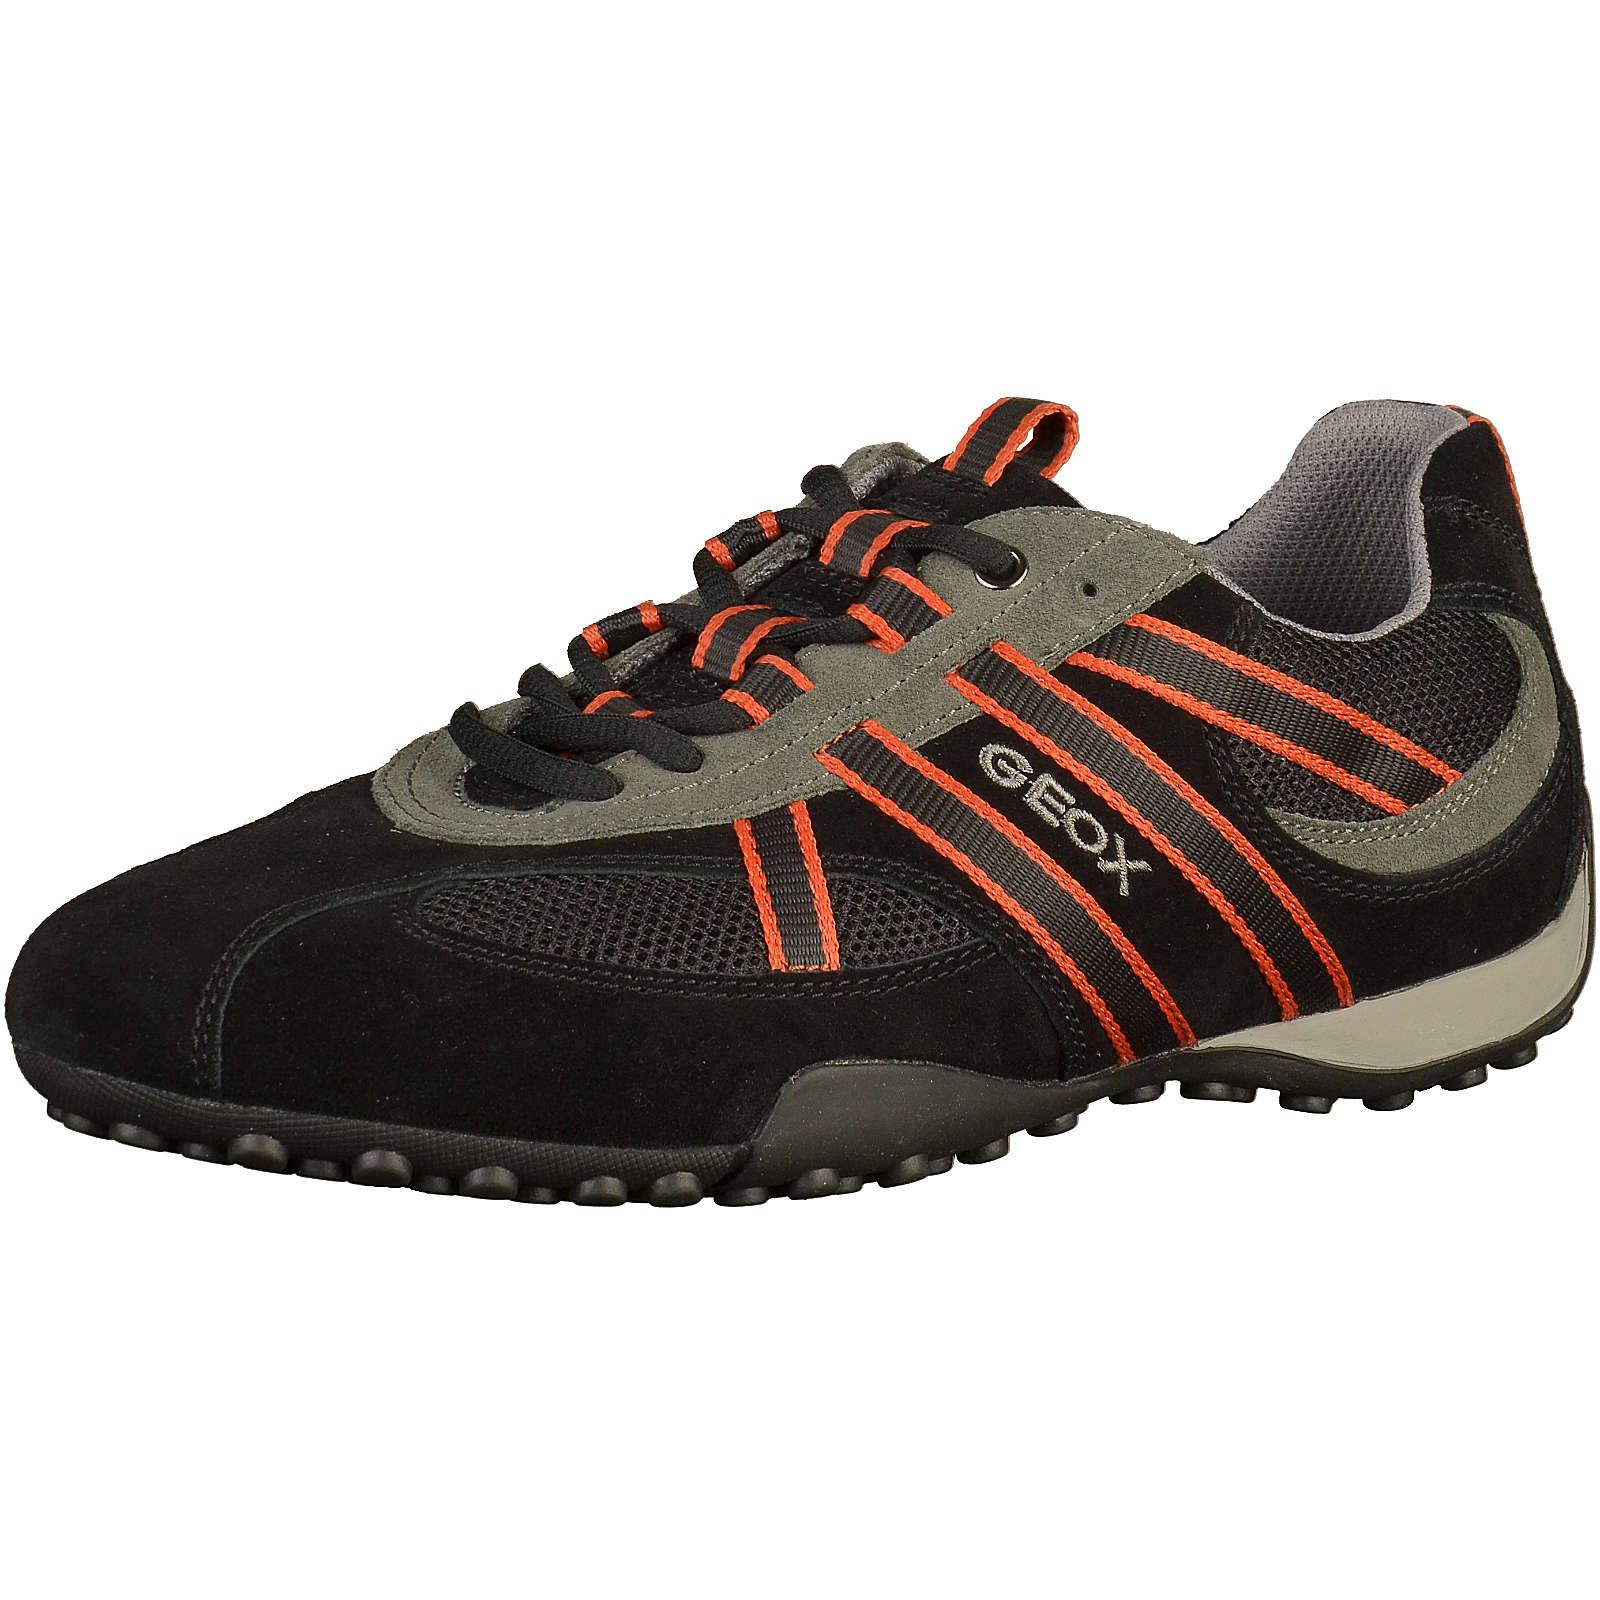 GEOX Sneaker Sneakers Low schwarz Herren Gr. 40